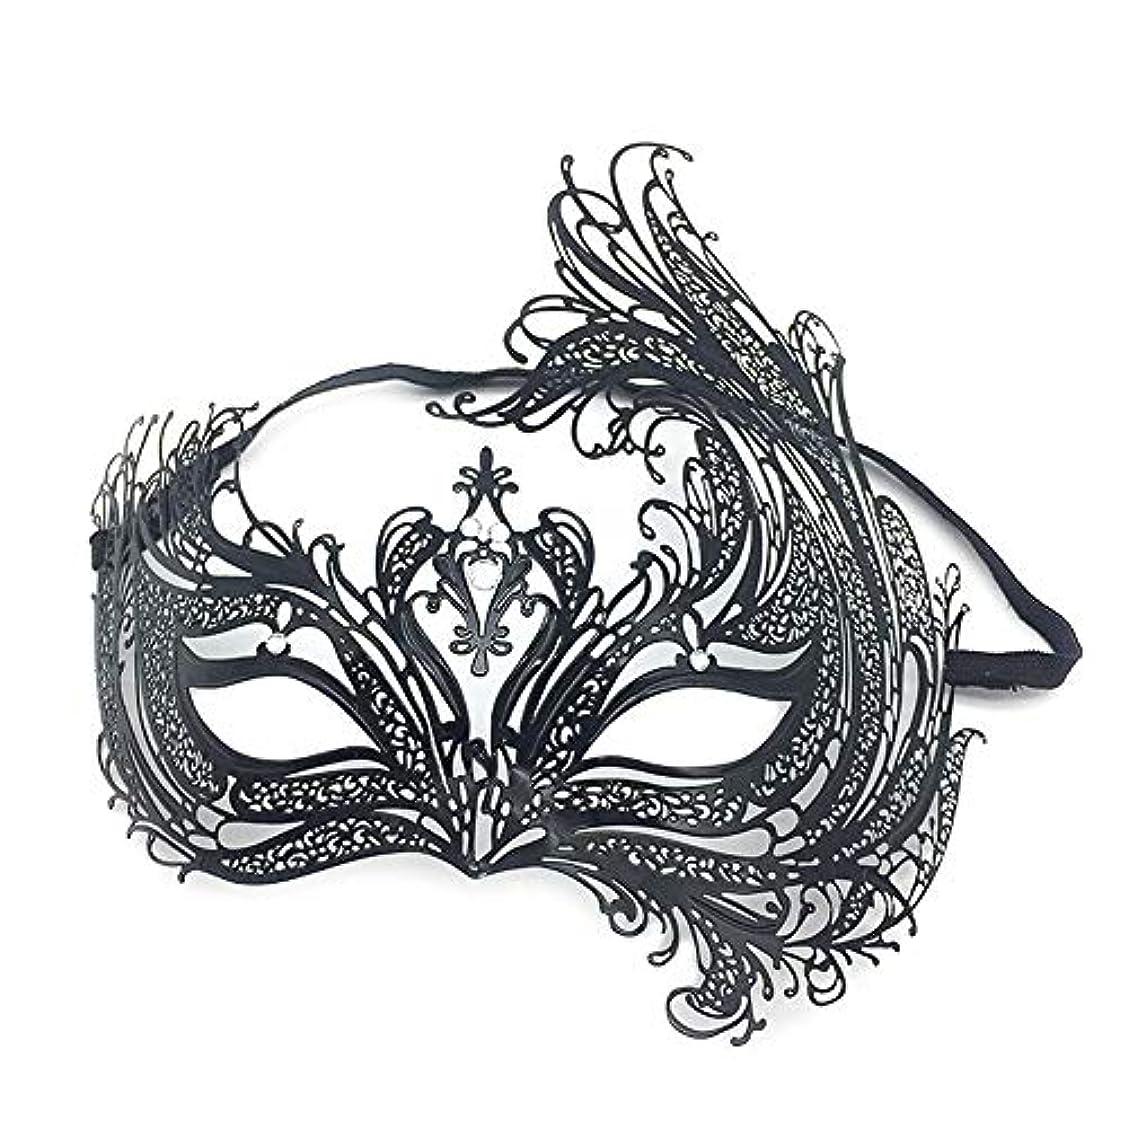 グローバル以下新鮮なダンスマスク 仮面舞踏会パーティーブラックセクシーハーフフェイスフェニックスハロウィーンロールプレイングメタルマスクガール ホリデーパーティー用品 (色 : ブラック, サイズ : 20x19cm)